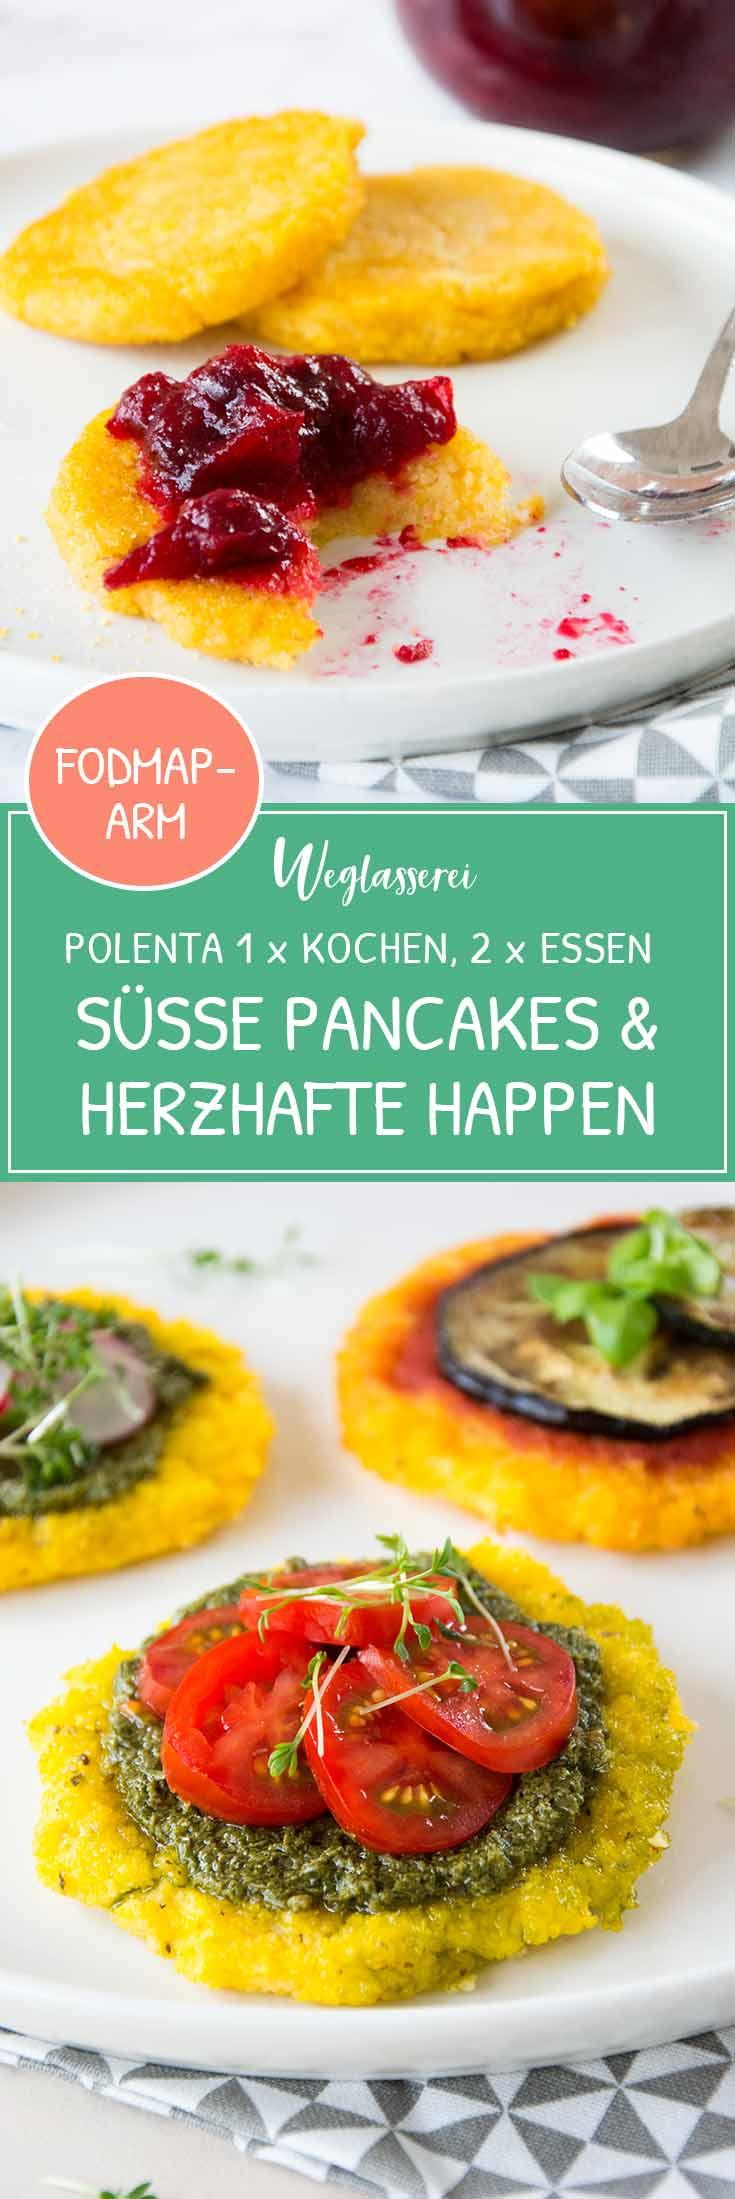 2 in 1 Rezept: Polenta einmal kochen und zwei verschiedene Essen daraus zubereiten. Süße Polenta Pancakes und herzhafte Polenta Happen. Noch mehr gesunde FODMAP-arme Rezepte findest du auf meinem Blog www.weglasserei.de Dort findest du außerdem Tipps und Motivation, um deine Lebensmittelunverträglichkeit oder Reizdarm in den Griff zu bekommen. #gesunderezepte #glutenfrei #laktosefrei #fructosearm #nahrungsmittelunvertraeglichkeit #reizdarm #fodmap